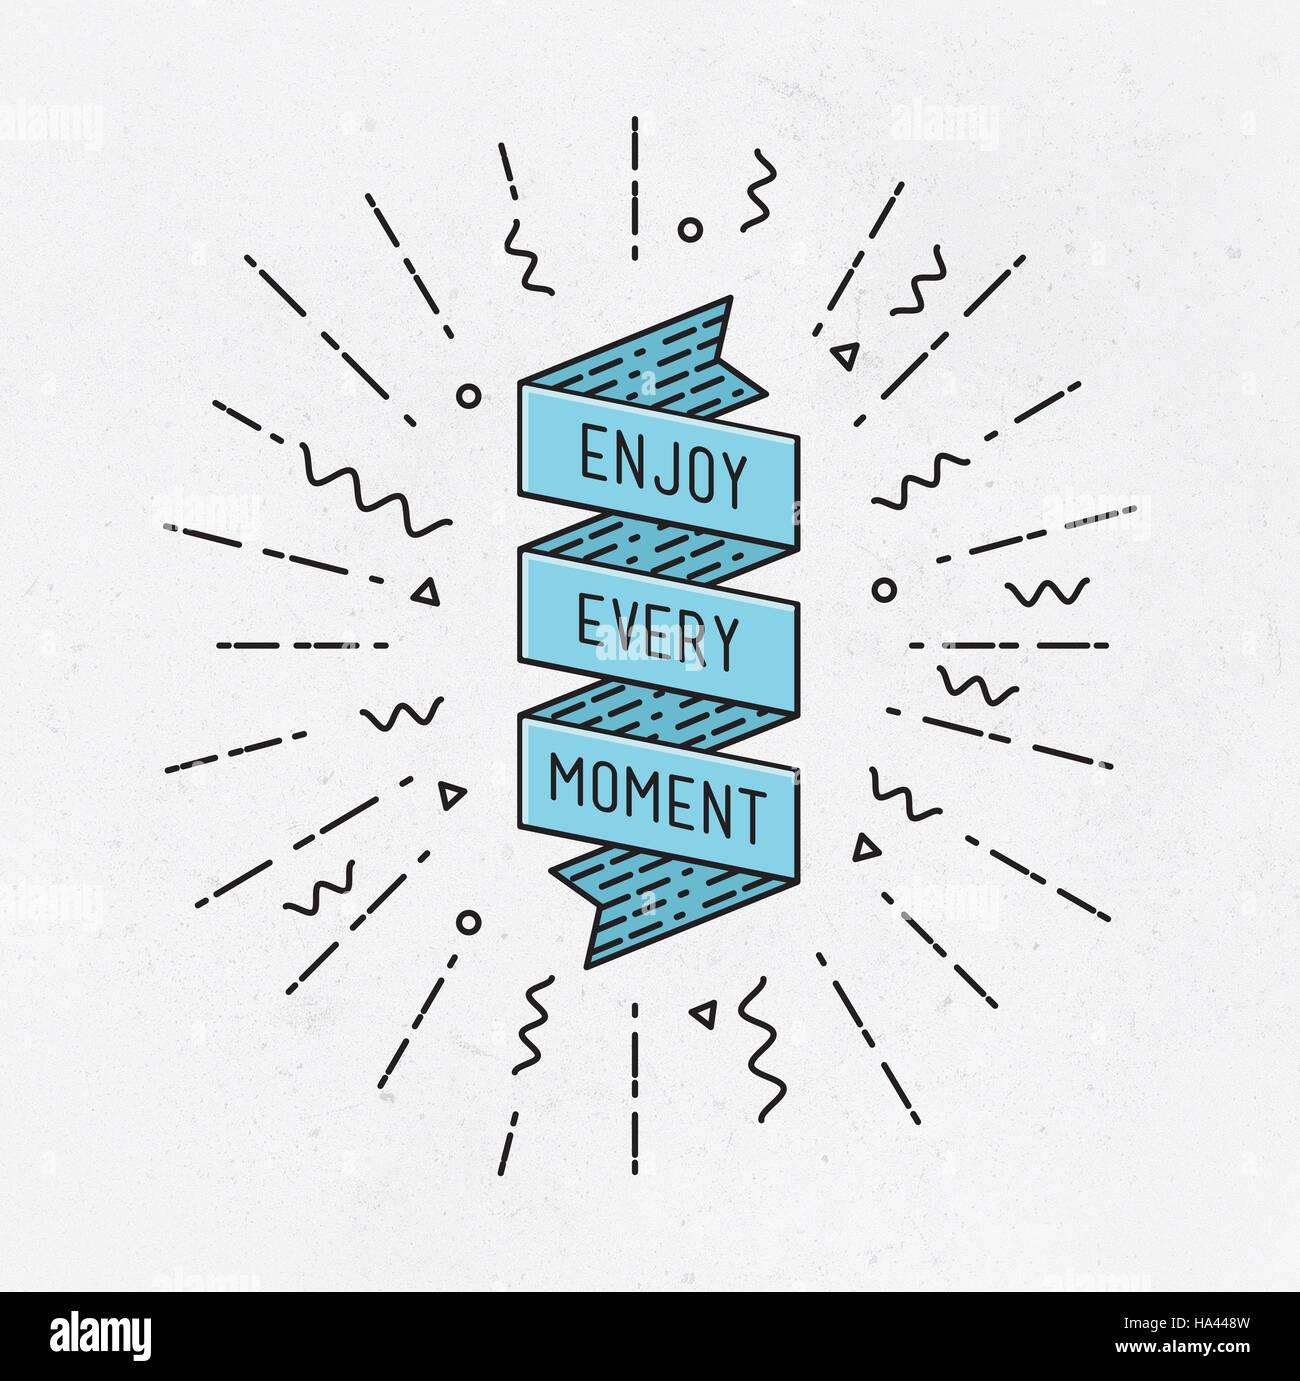 Geniessen Sie Jeden Augenblick Inspirational Abbildung Motivierende